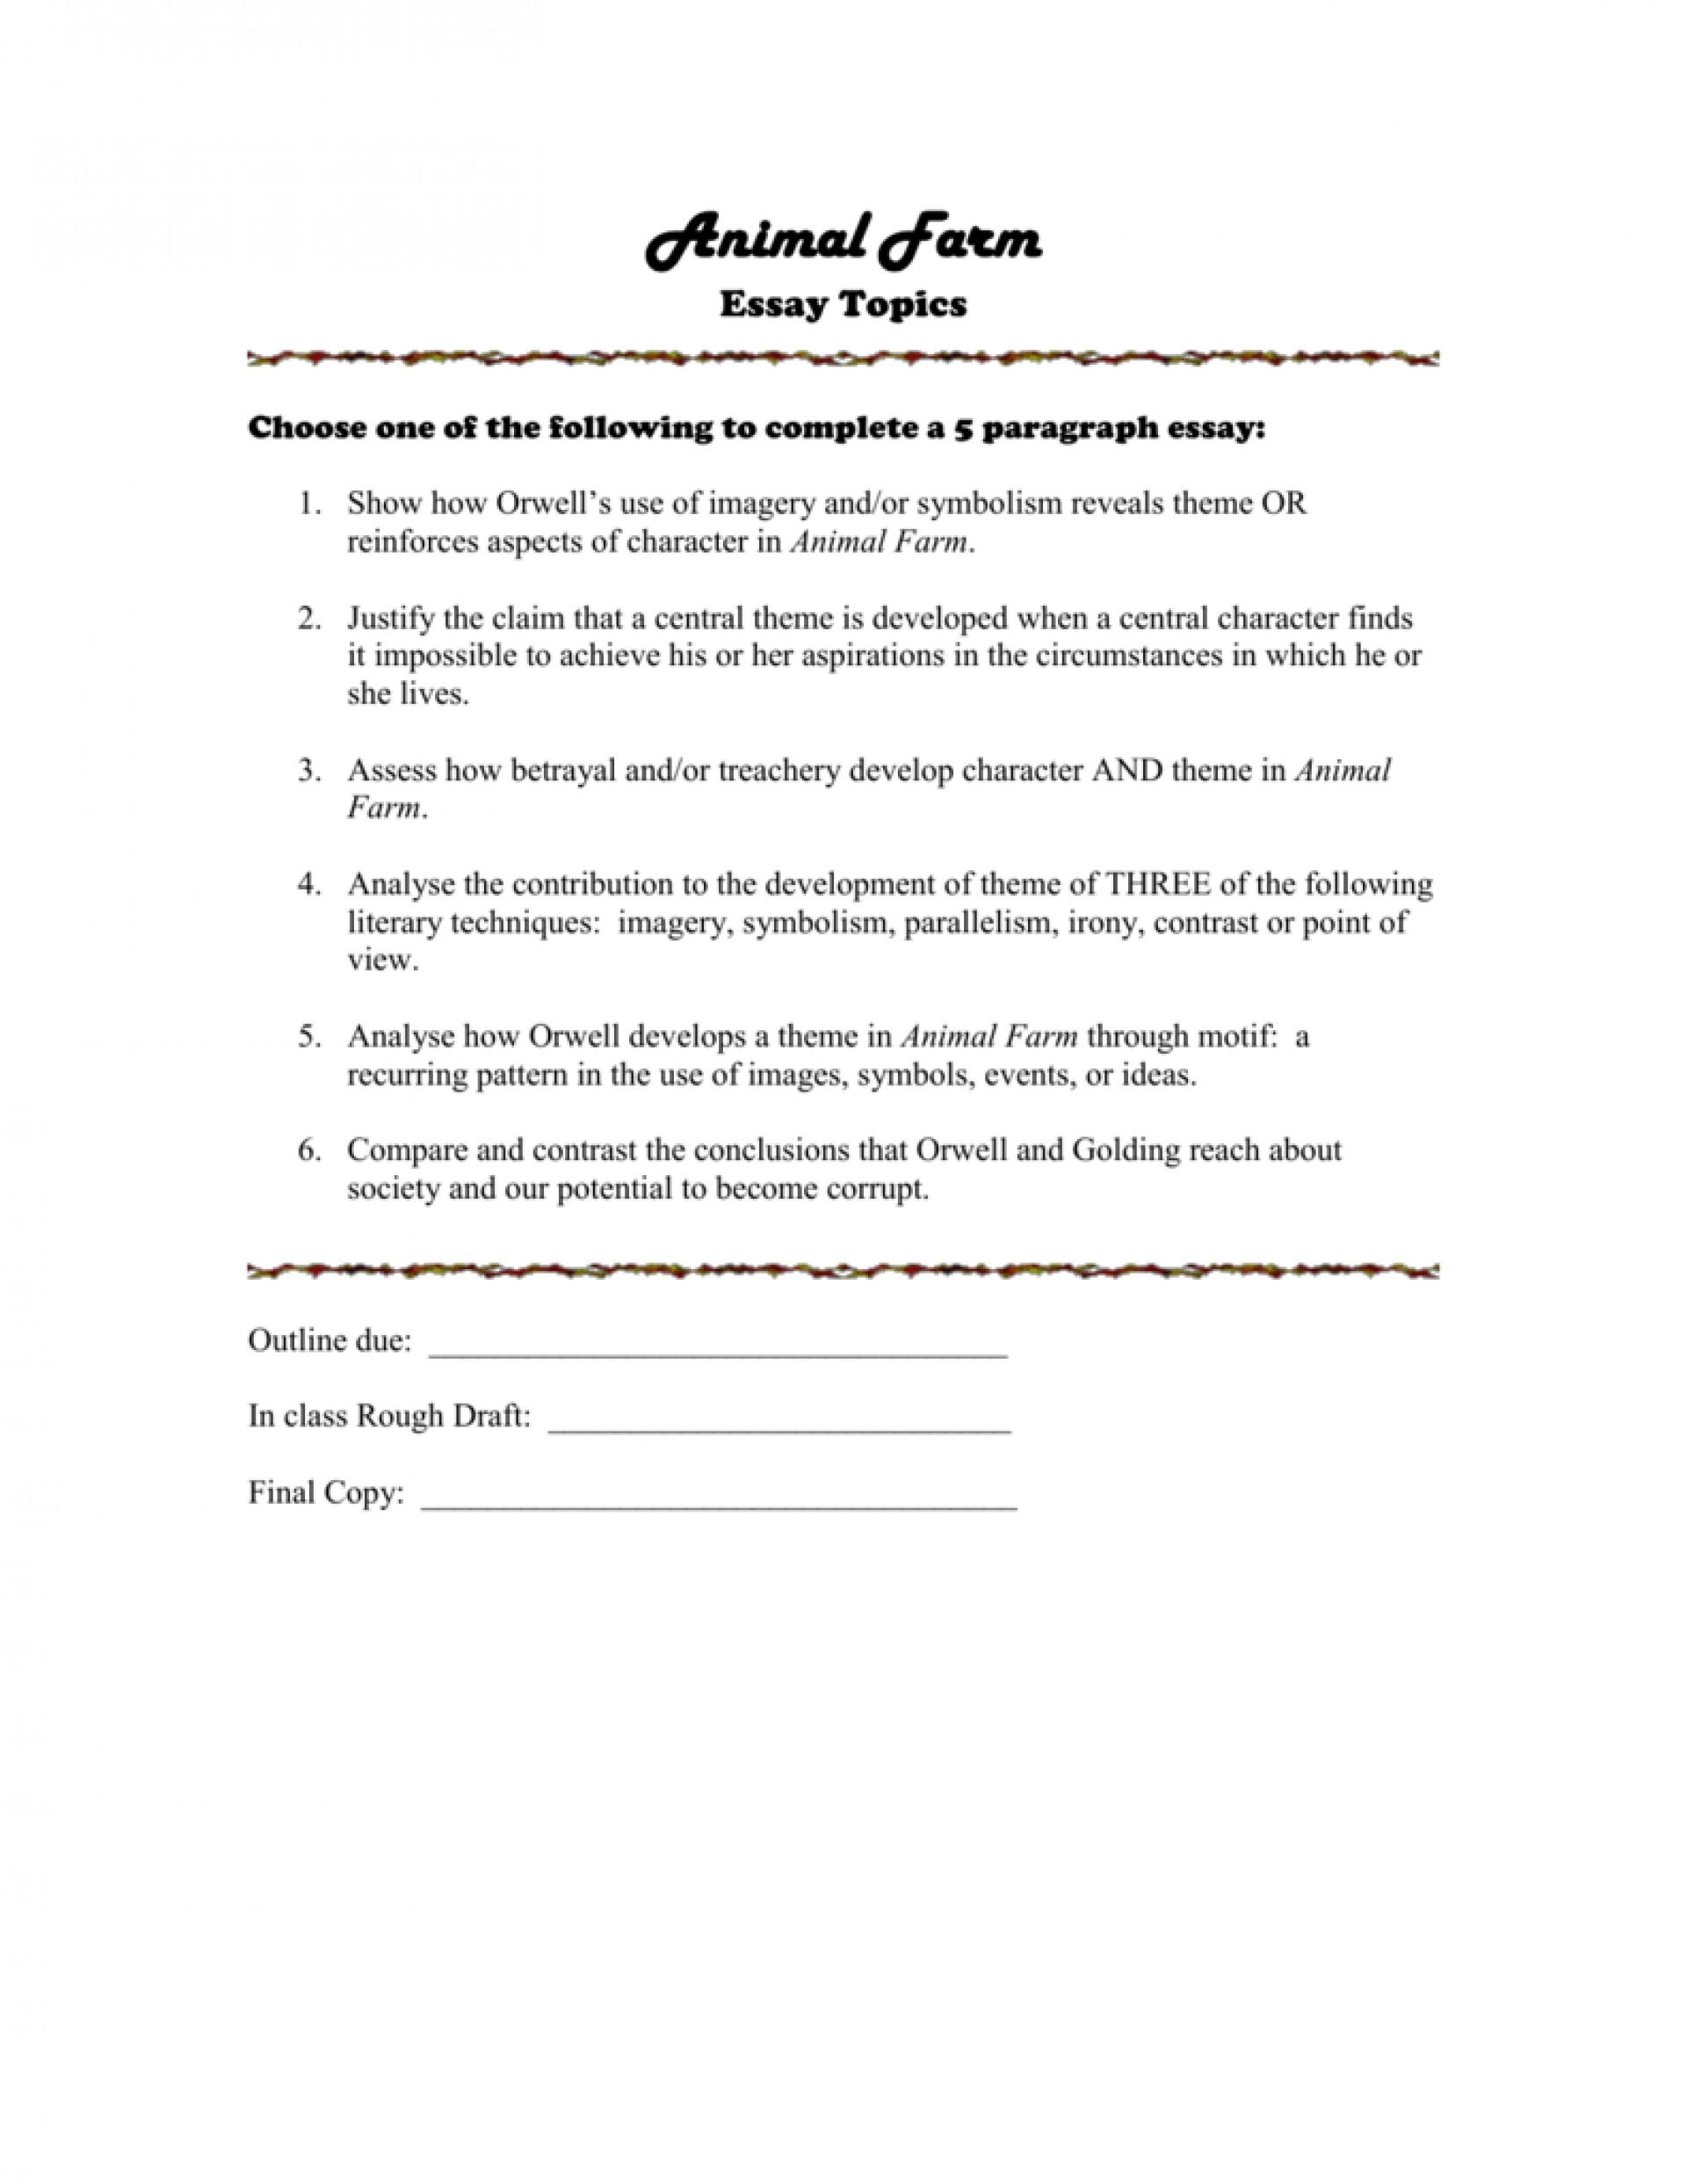 004 008028630 1 Animal Farm Essay Striking Propaganda Conclusion Introduction 1920